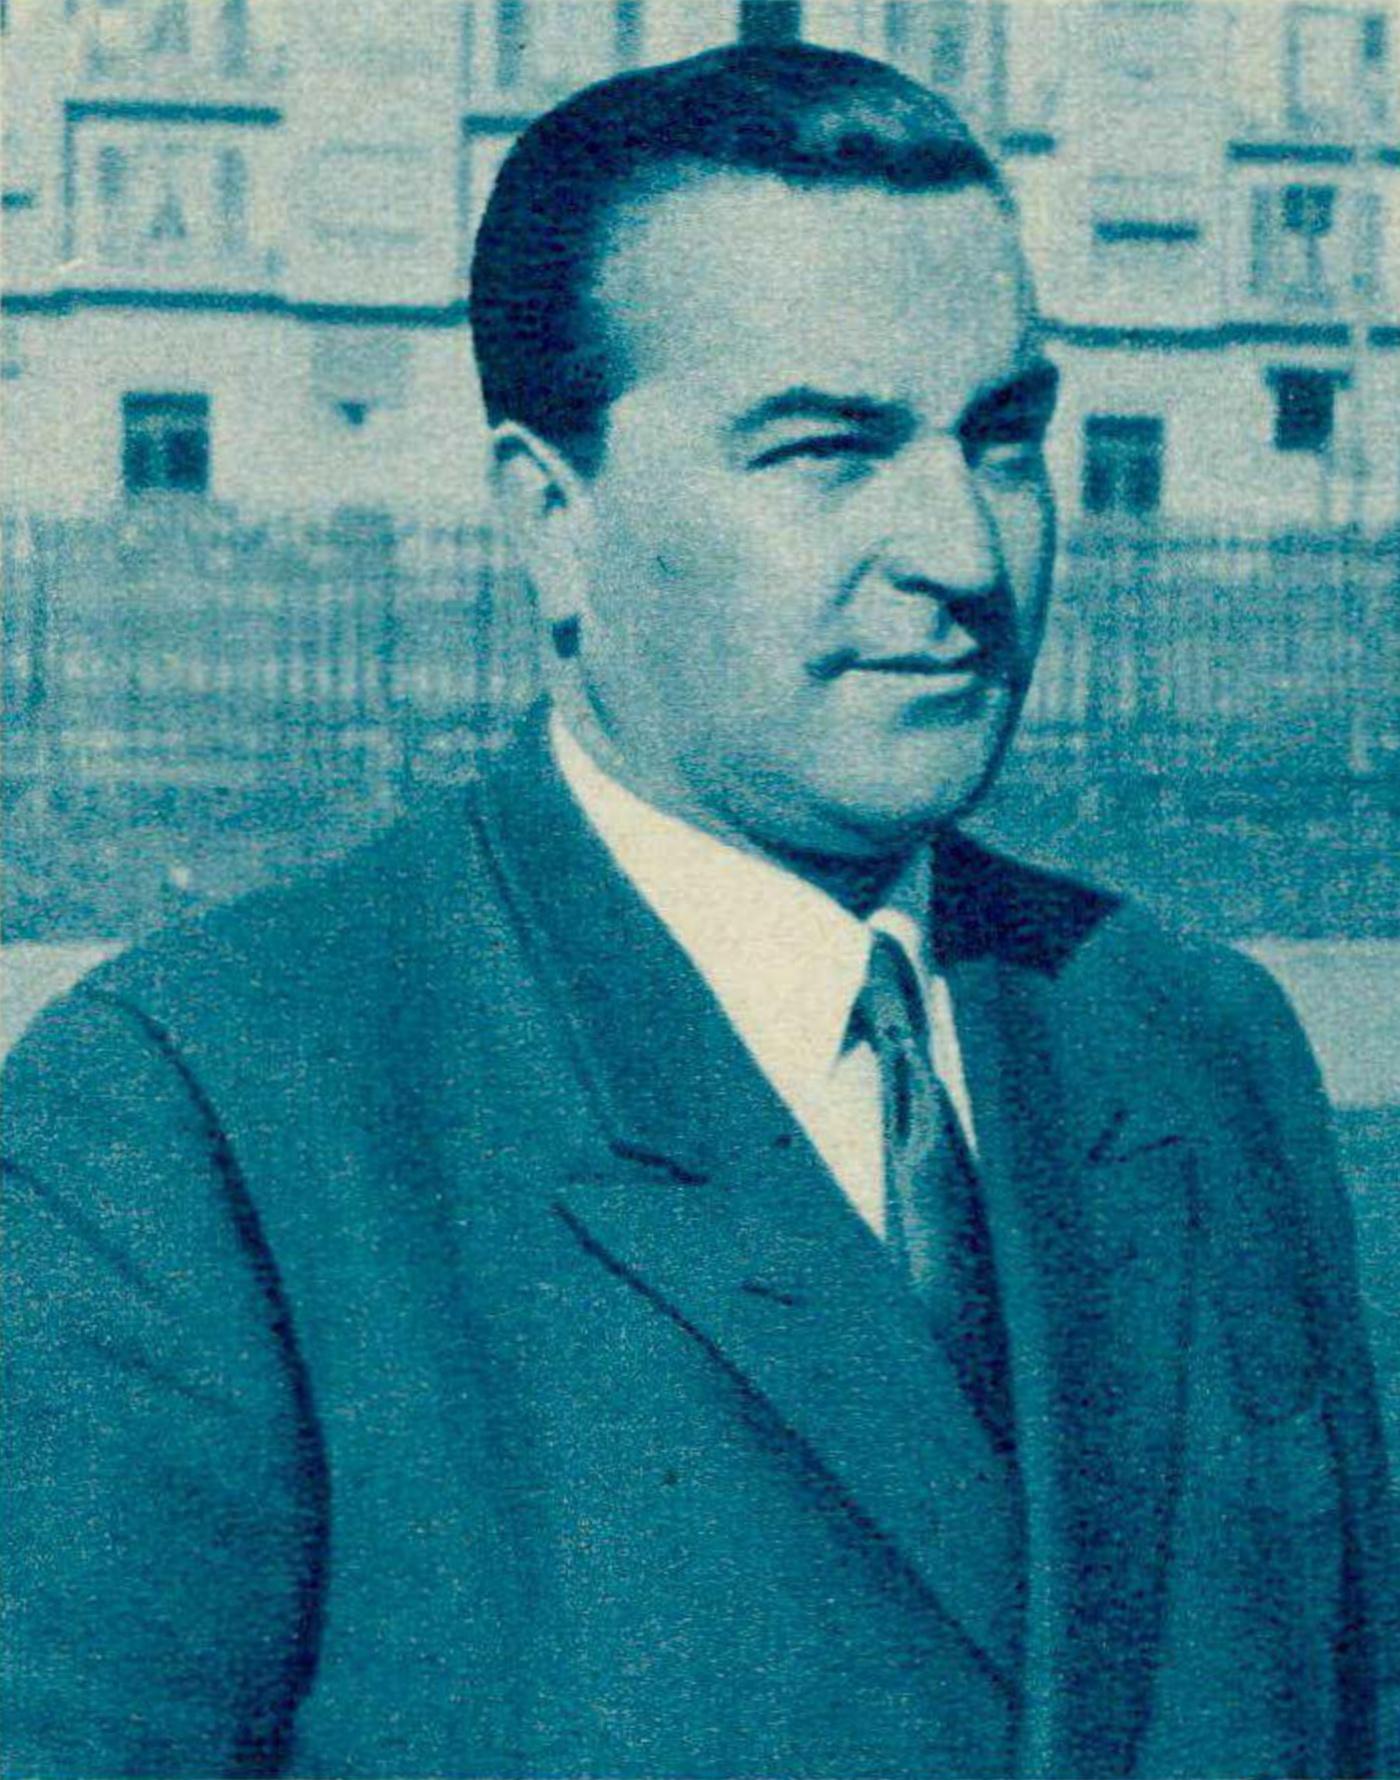 Paolo LONGINOTTI, Revue Radio Télévision du 22 mai 1953, No 21, page 815, cliquer pour une vue agrandie